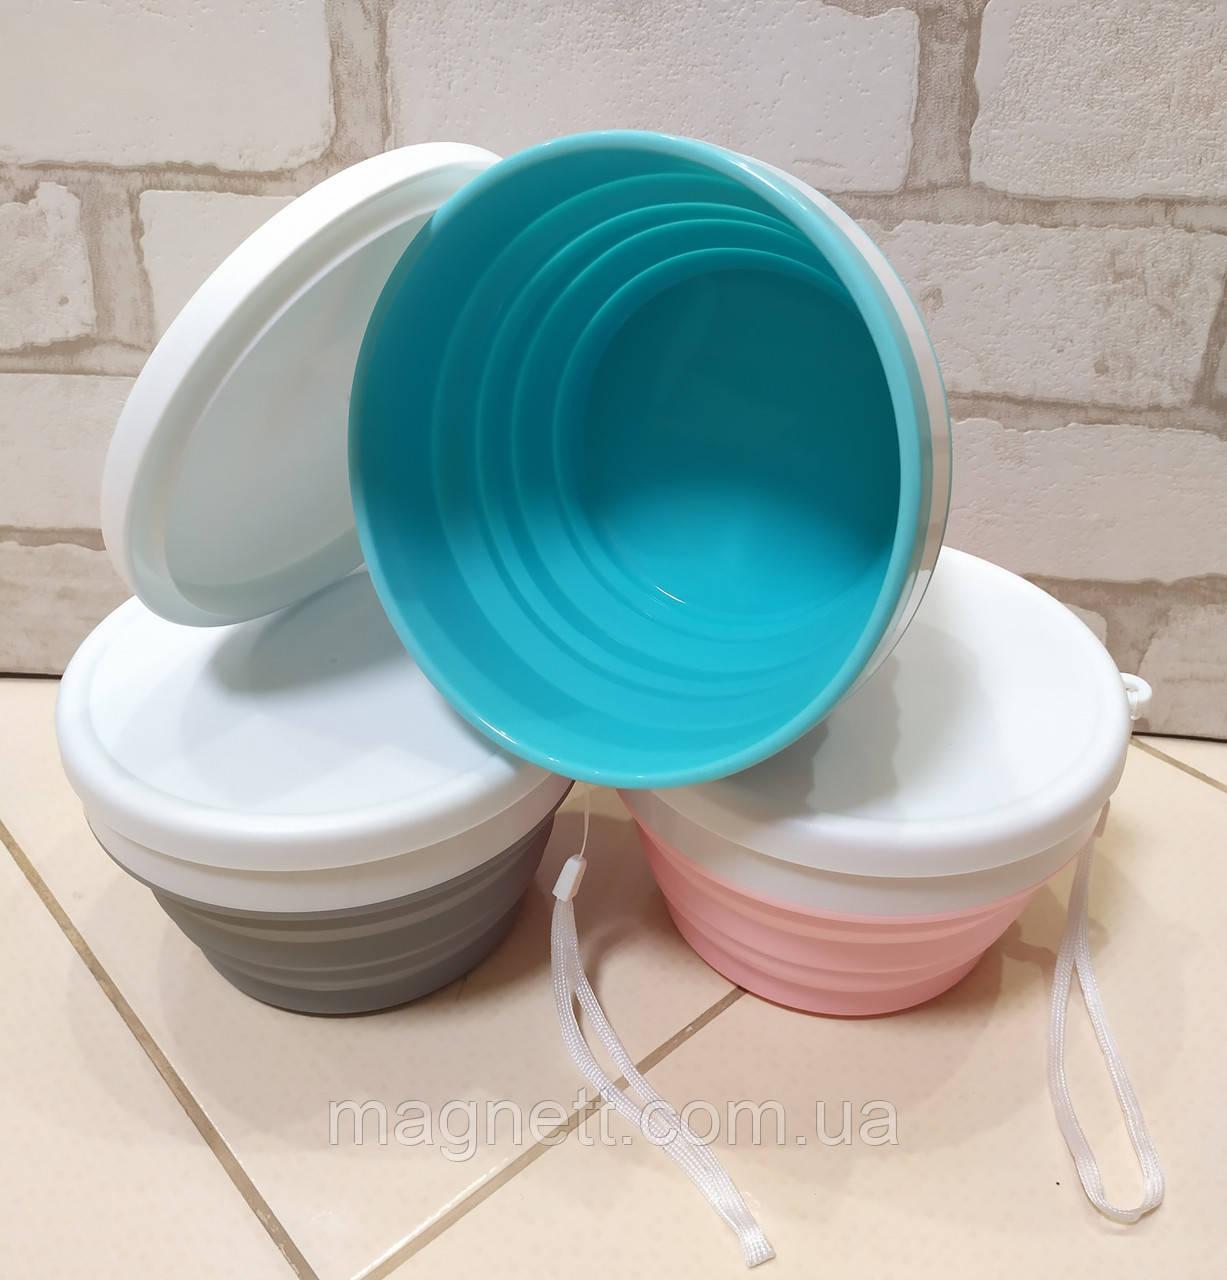 Ланч бокс круглий силіконовий харчової складаний контейнер для їжі 500 мл (3 кольори)